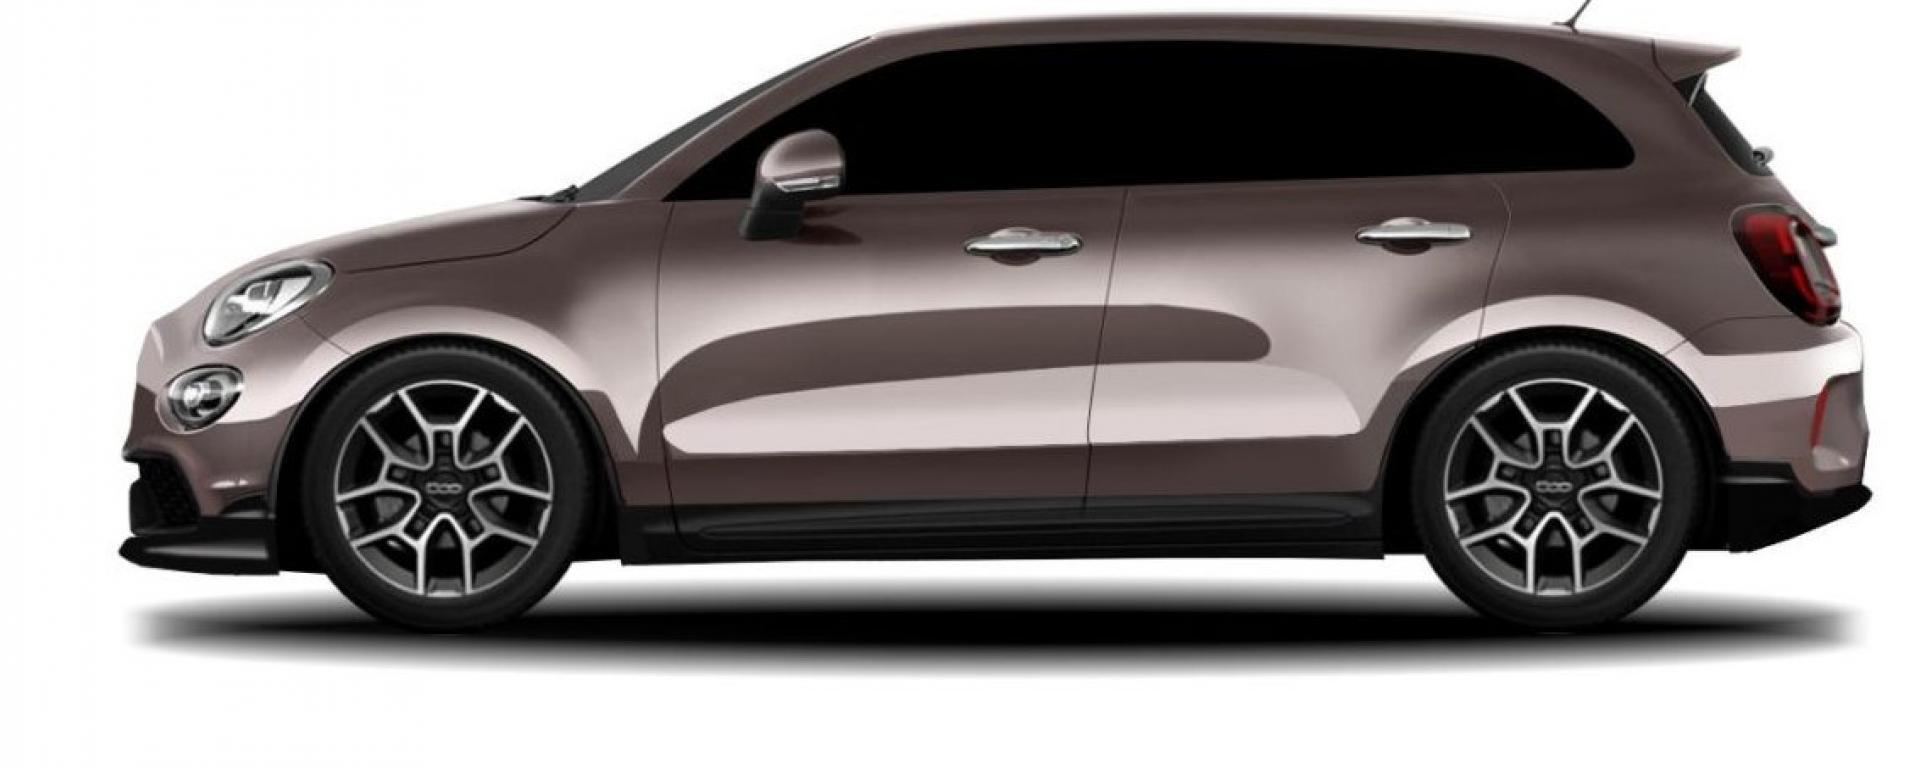 Fiat 500 Giardiniera sarà prodotta in Serbia?